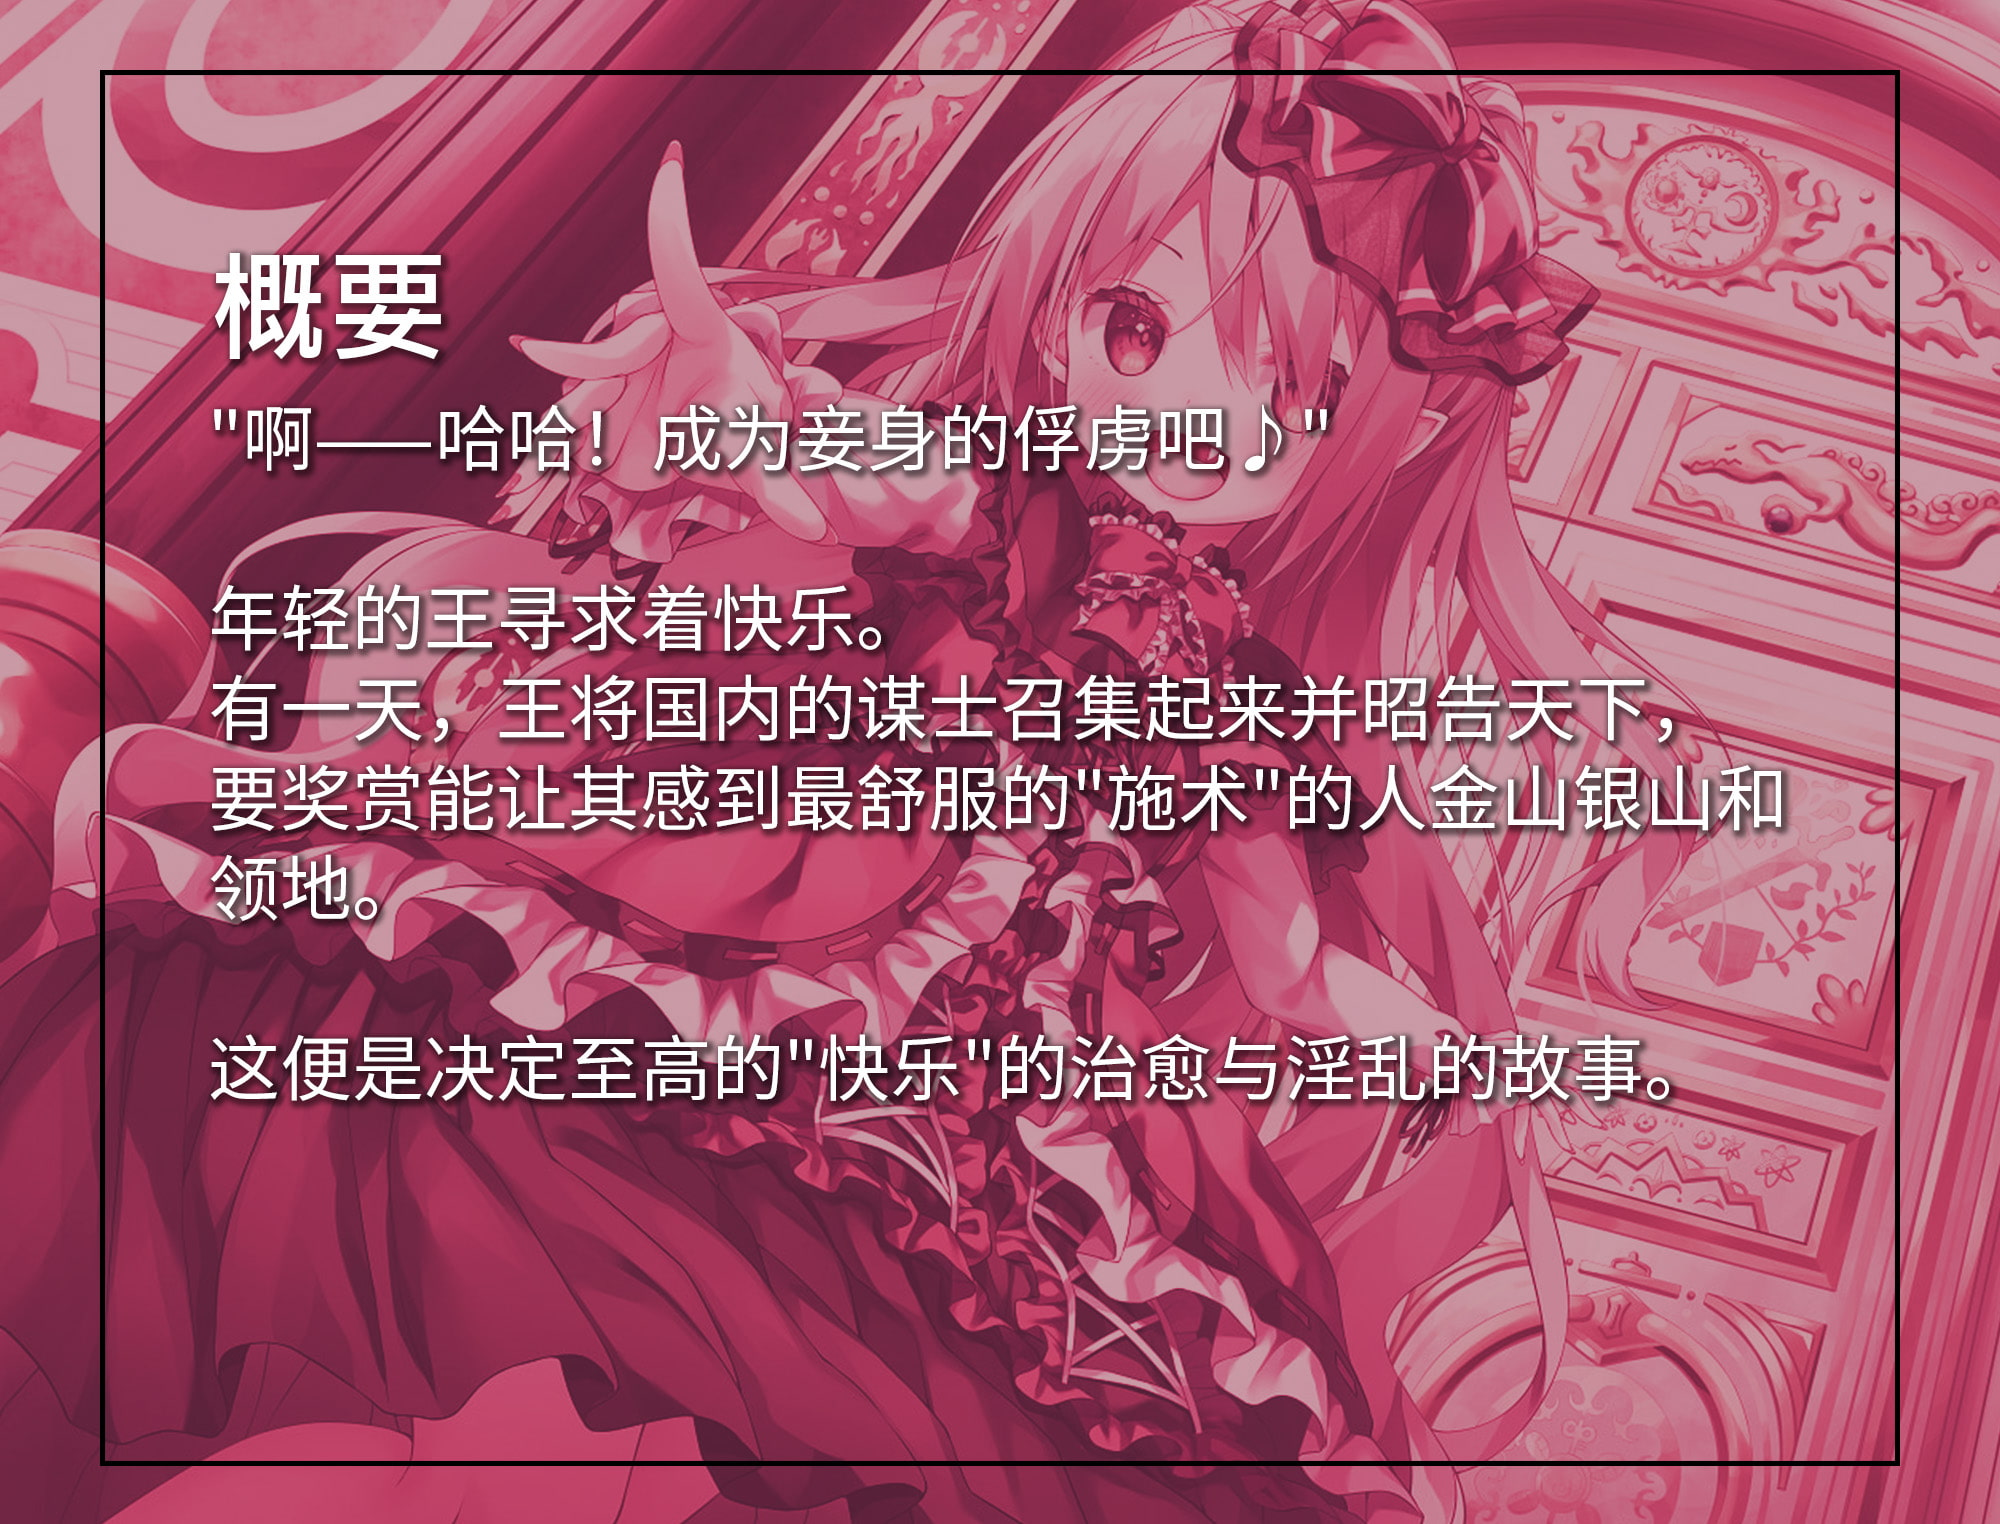 【中国語版】【吸血耳舐め】『Healing of King~未熟な吸血鬼の吸精オイルマッサージ~』